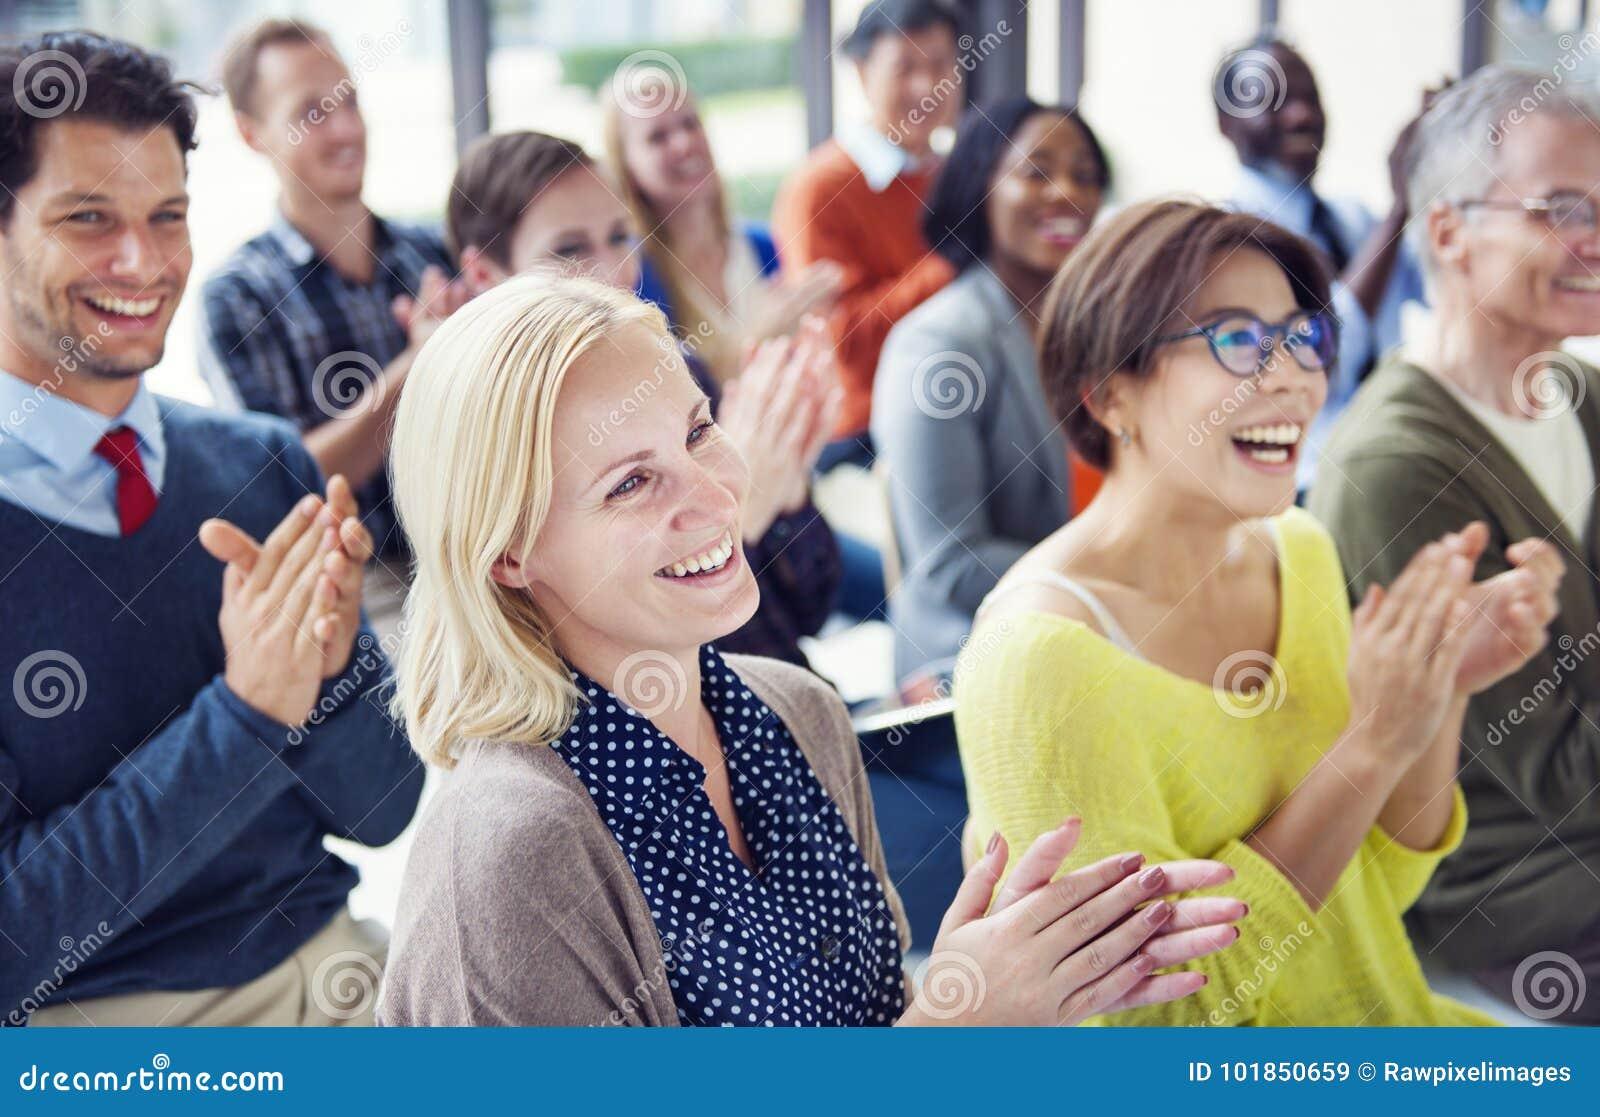 Gruppe verschiedene Leute in einer Konferenz